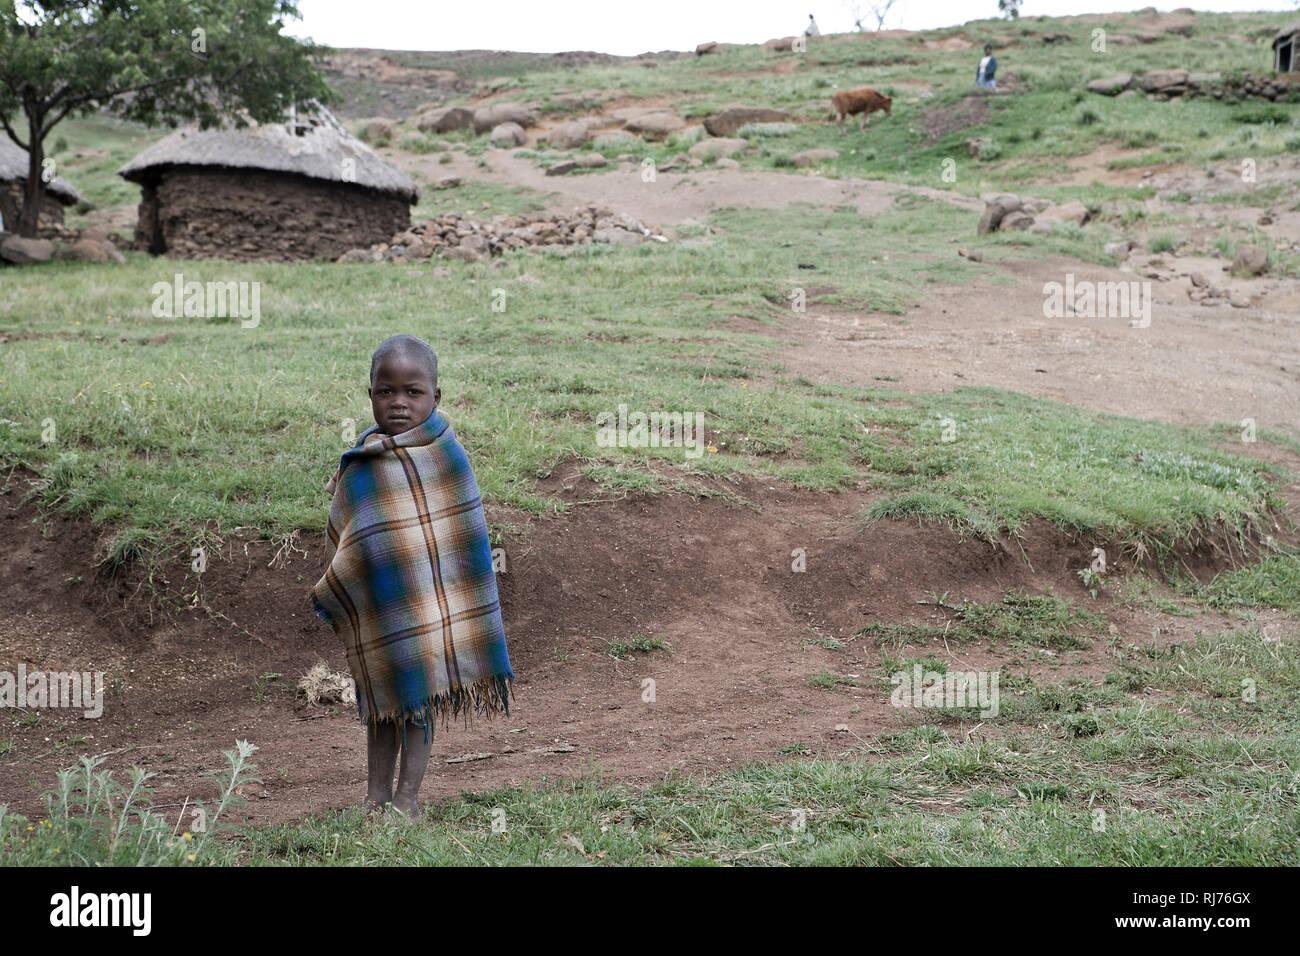 Kleiner Junge in Decke gehüllt vor einer Steinhütte Stockbild